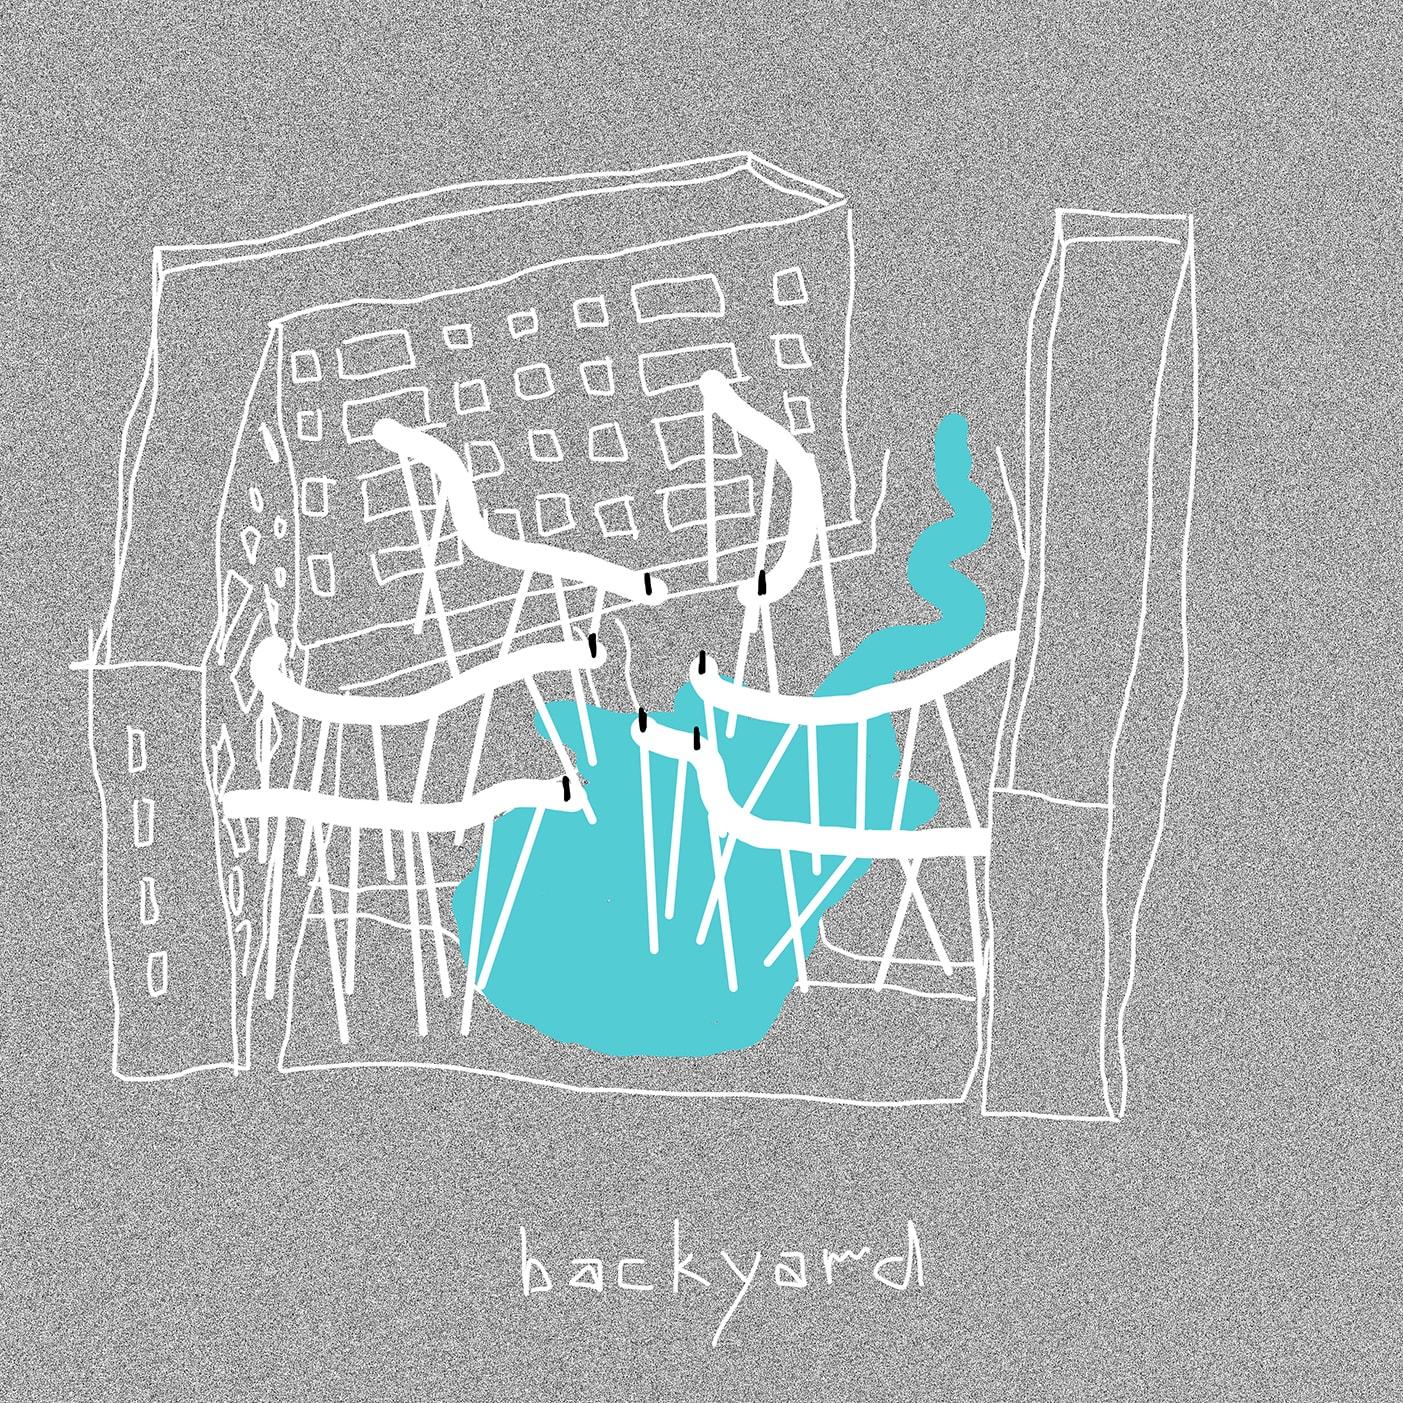 backyard4-120pxl